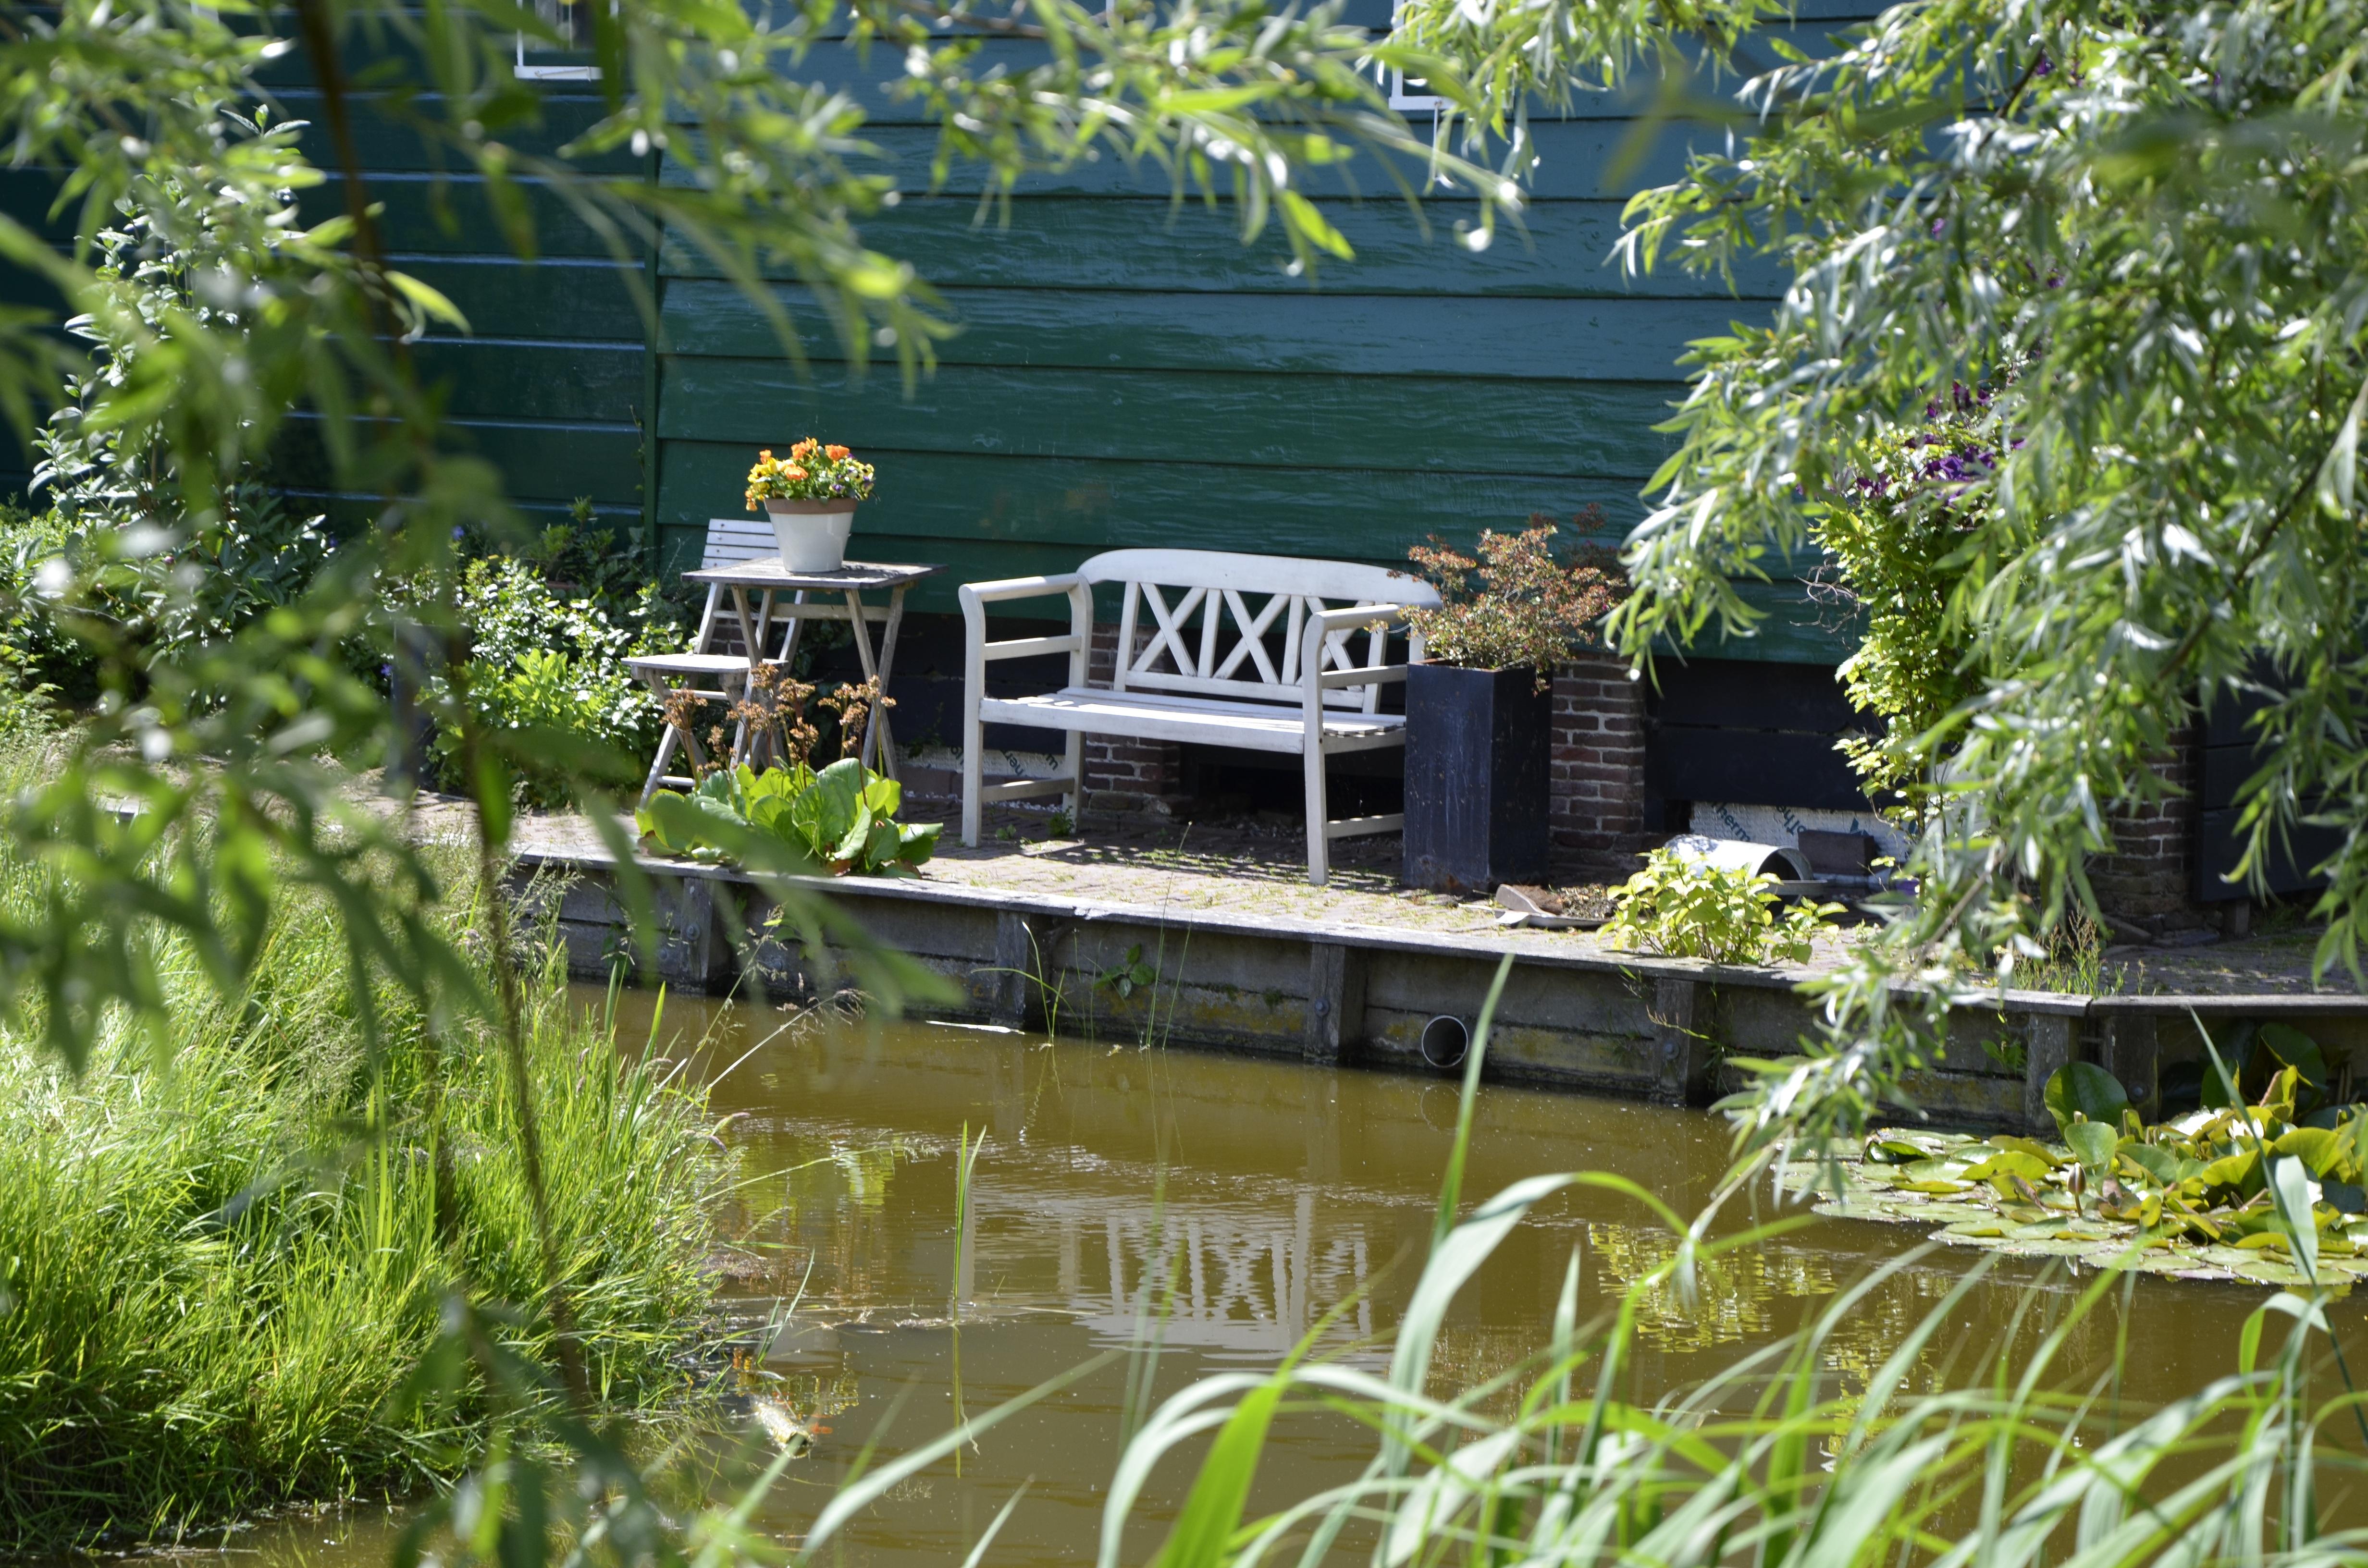 Landschaft Wandern Rasen Blume Stadt Zuhause Ferien Reise Gehen Teich  Europa Pool Hütte Urlaub Hinterhof Garten